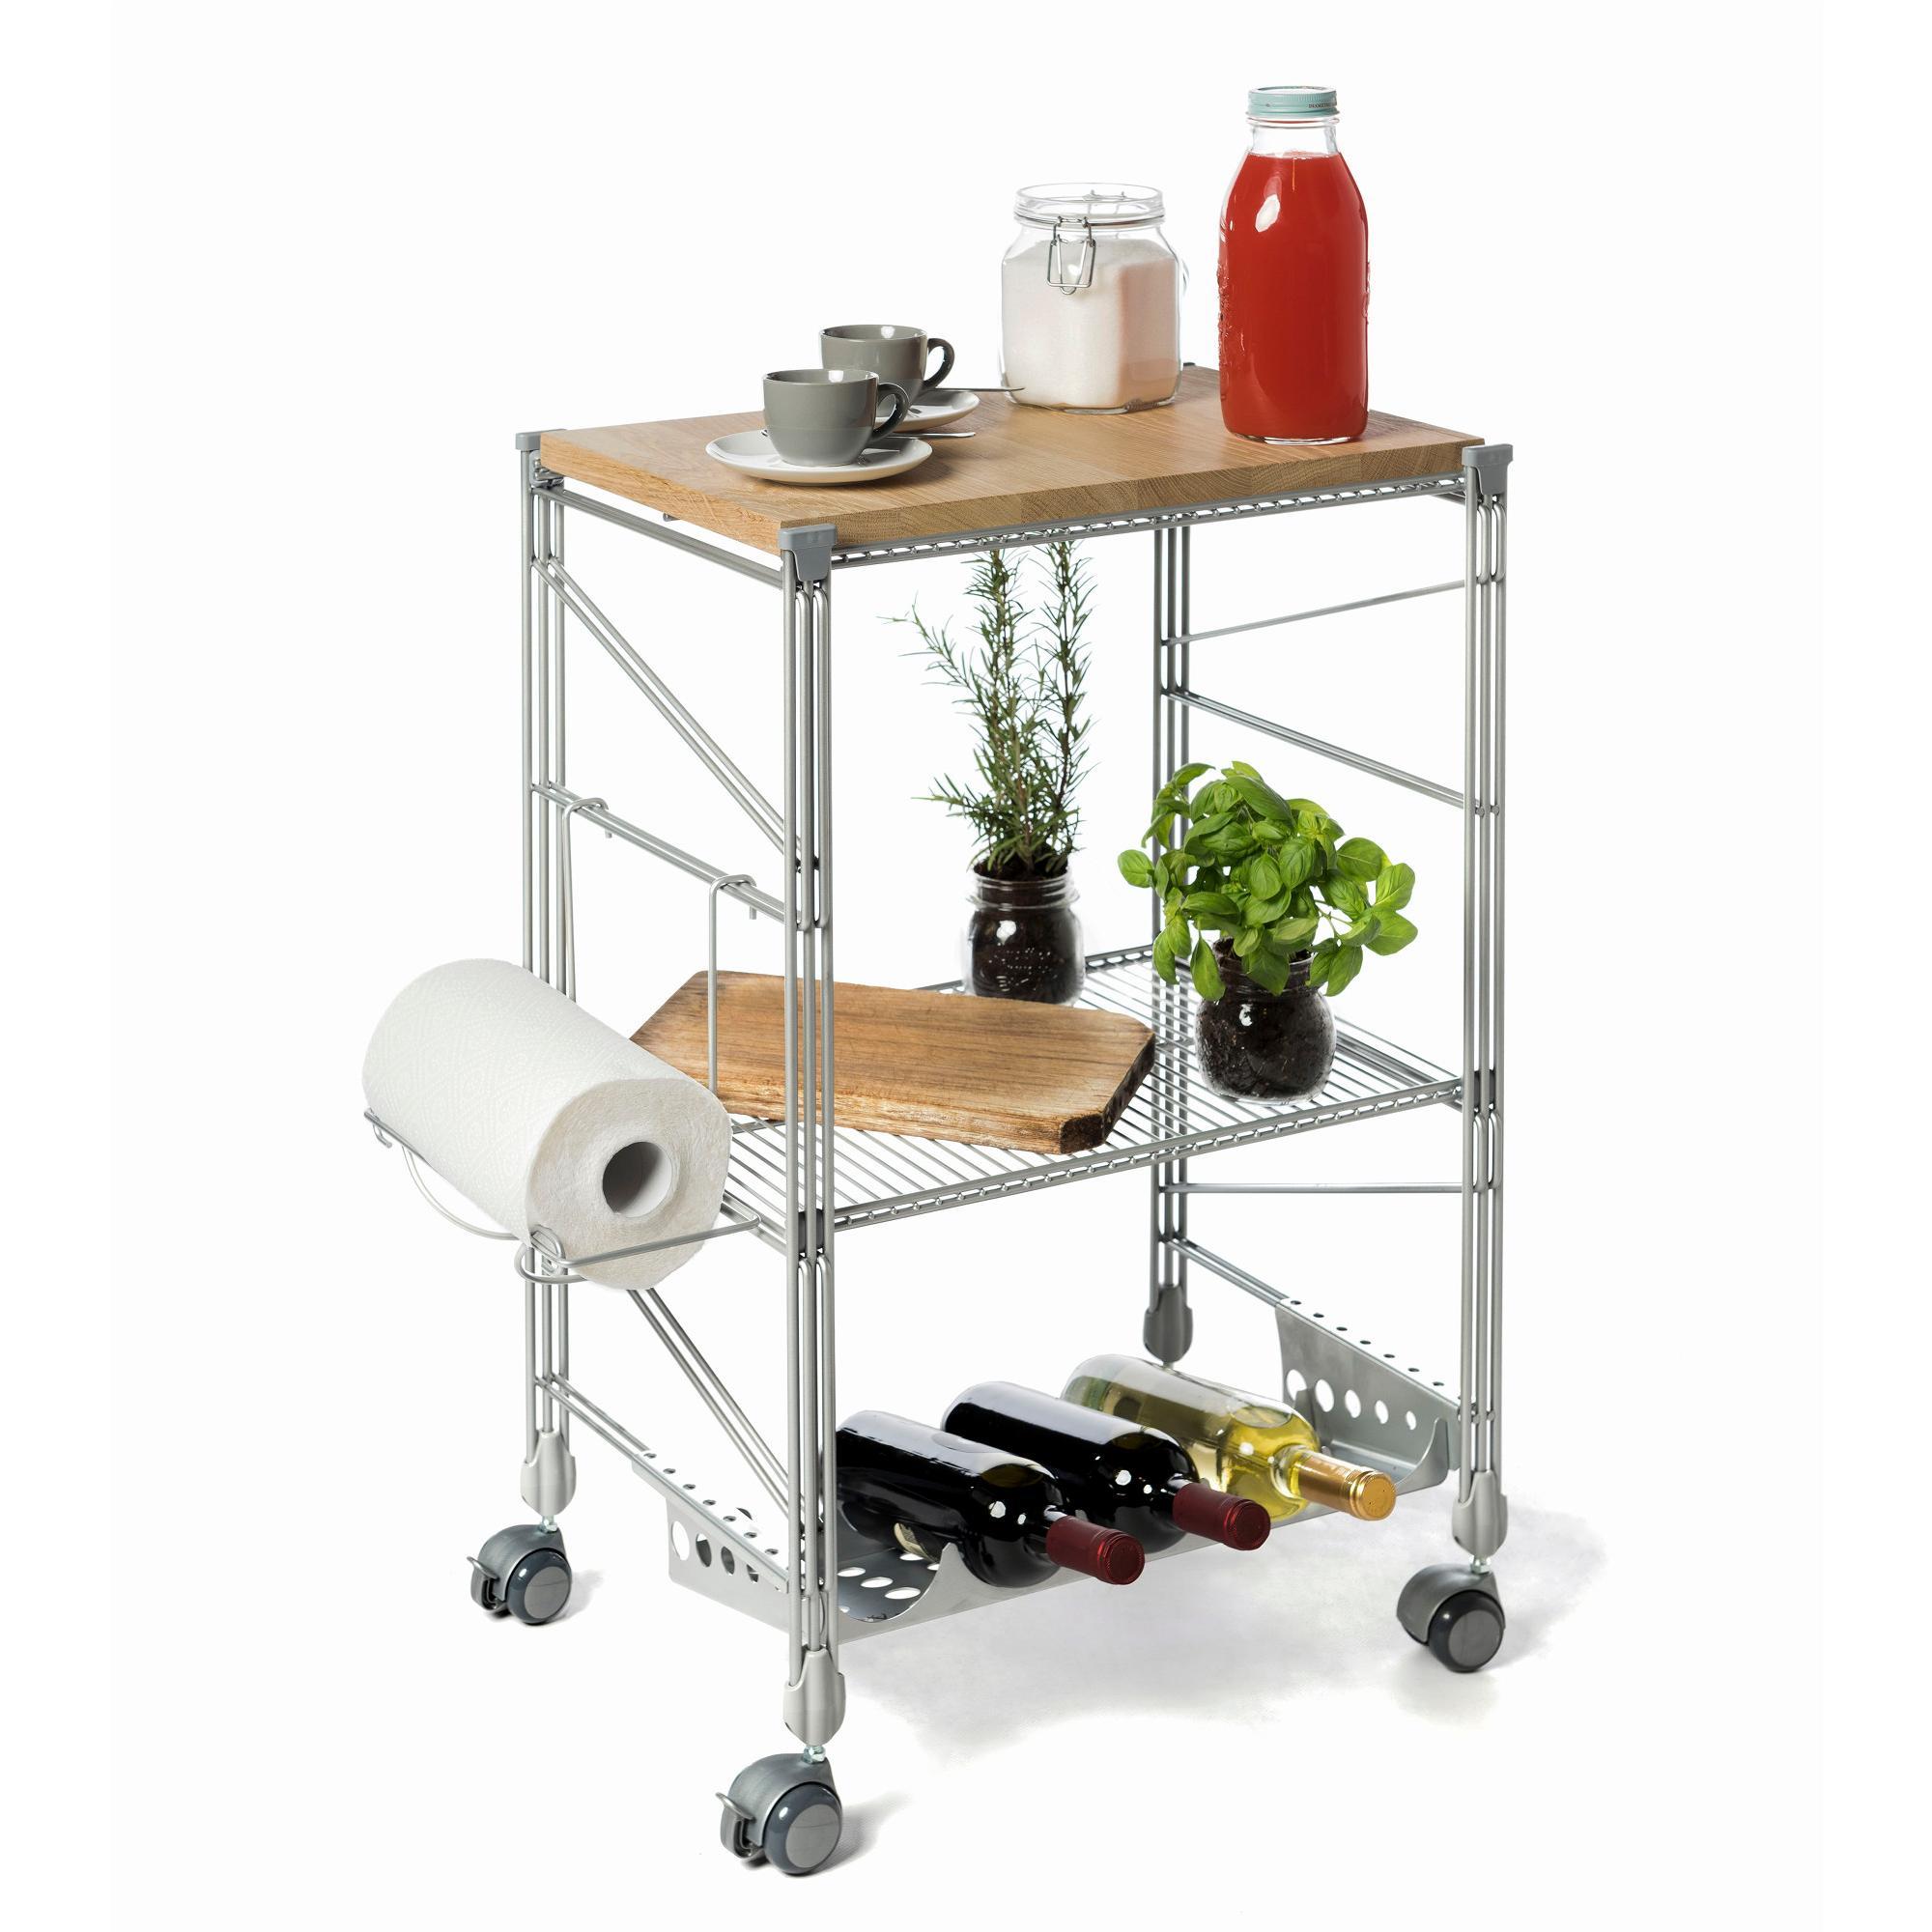 Carrello da cucina con tagliere in legno ebano 32x50xh78 - Carrello cucina acciaio ...